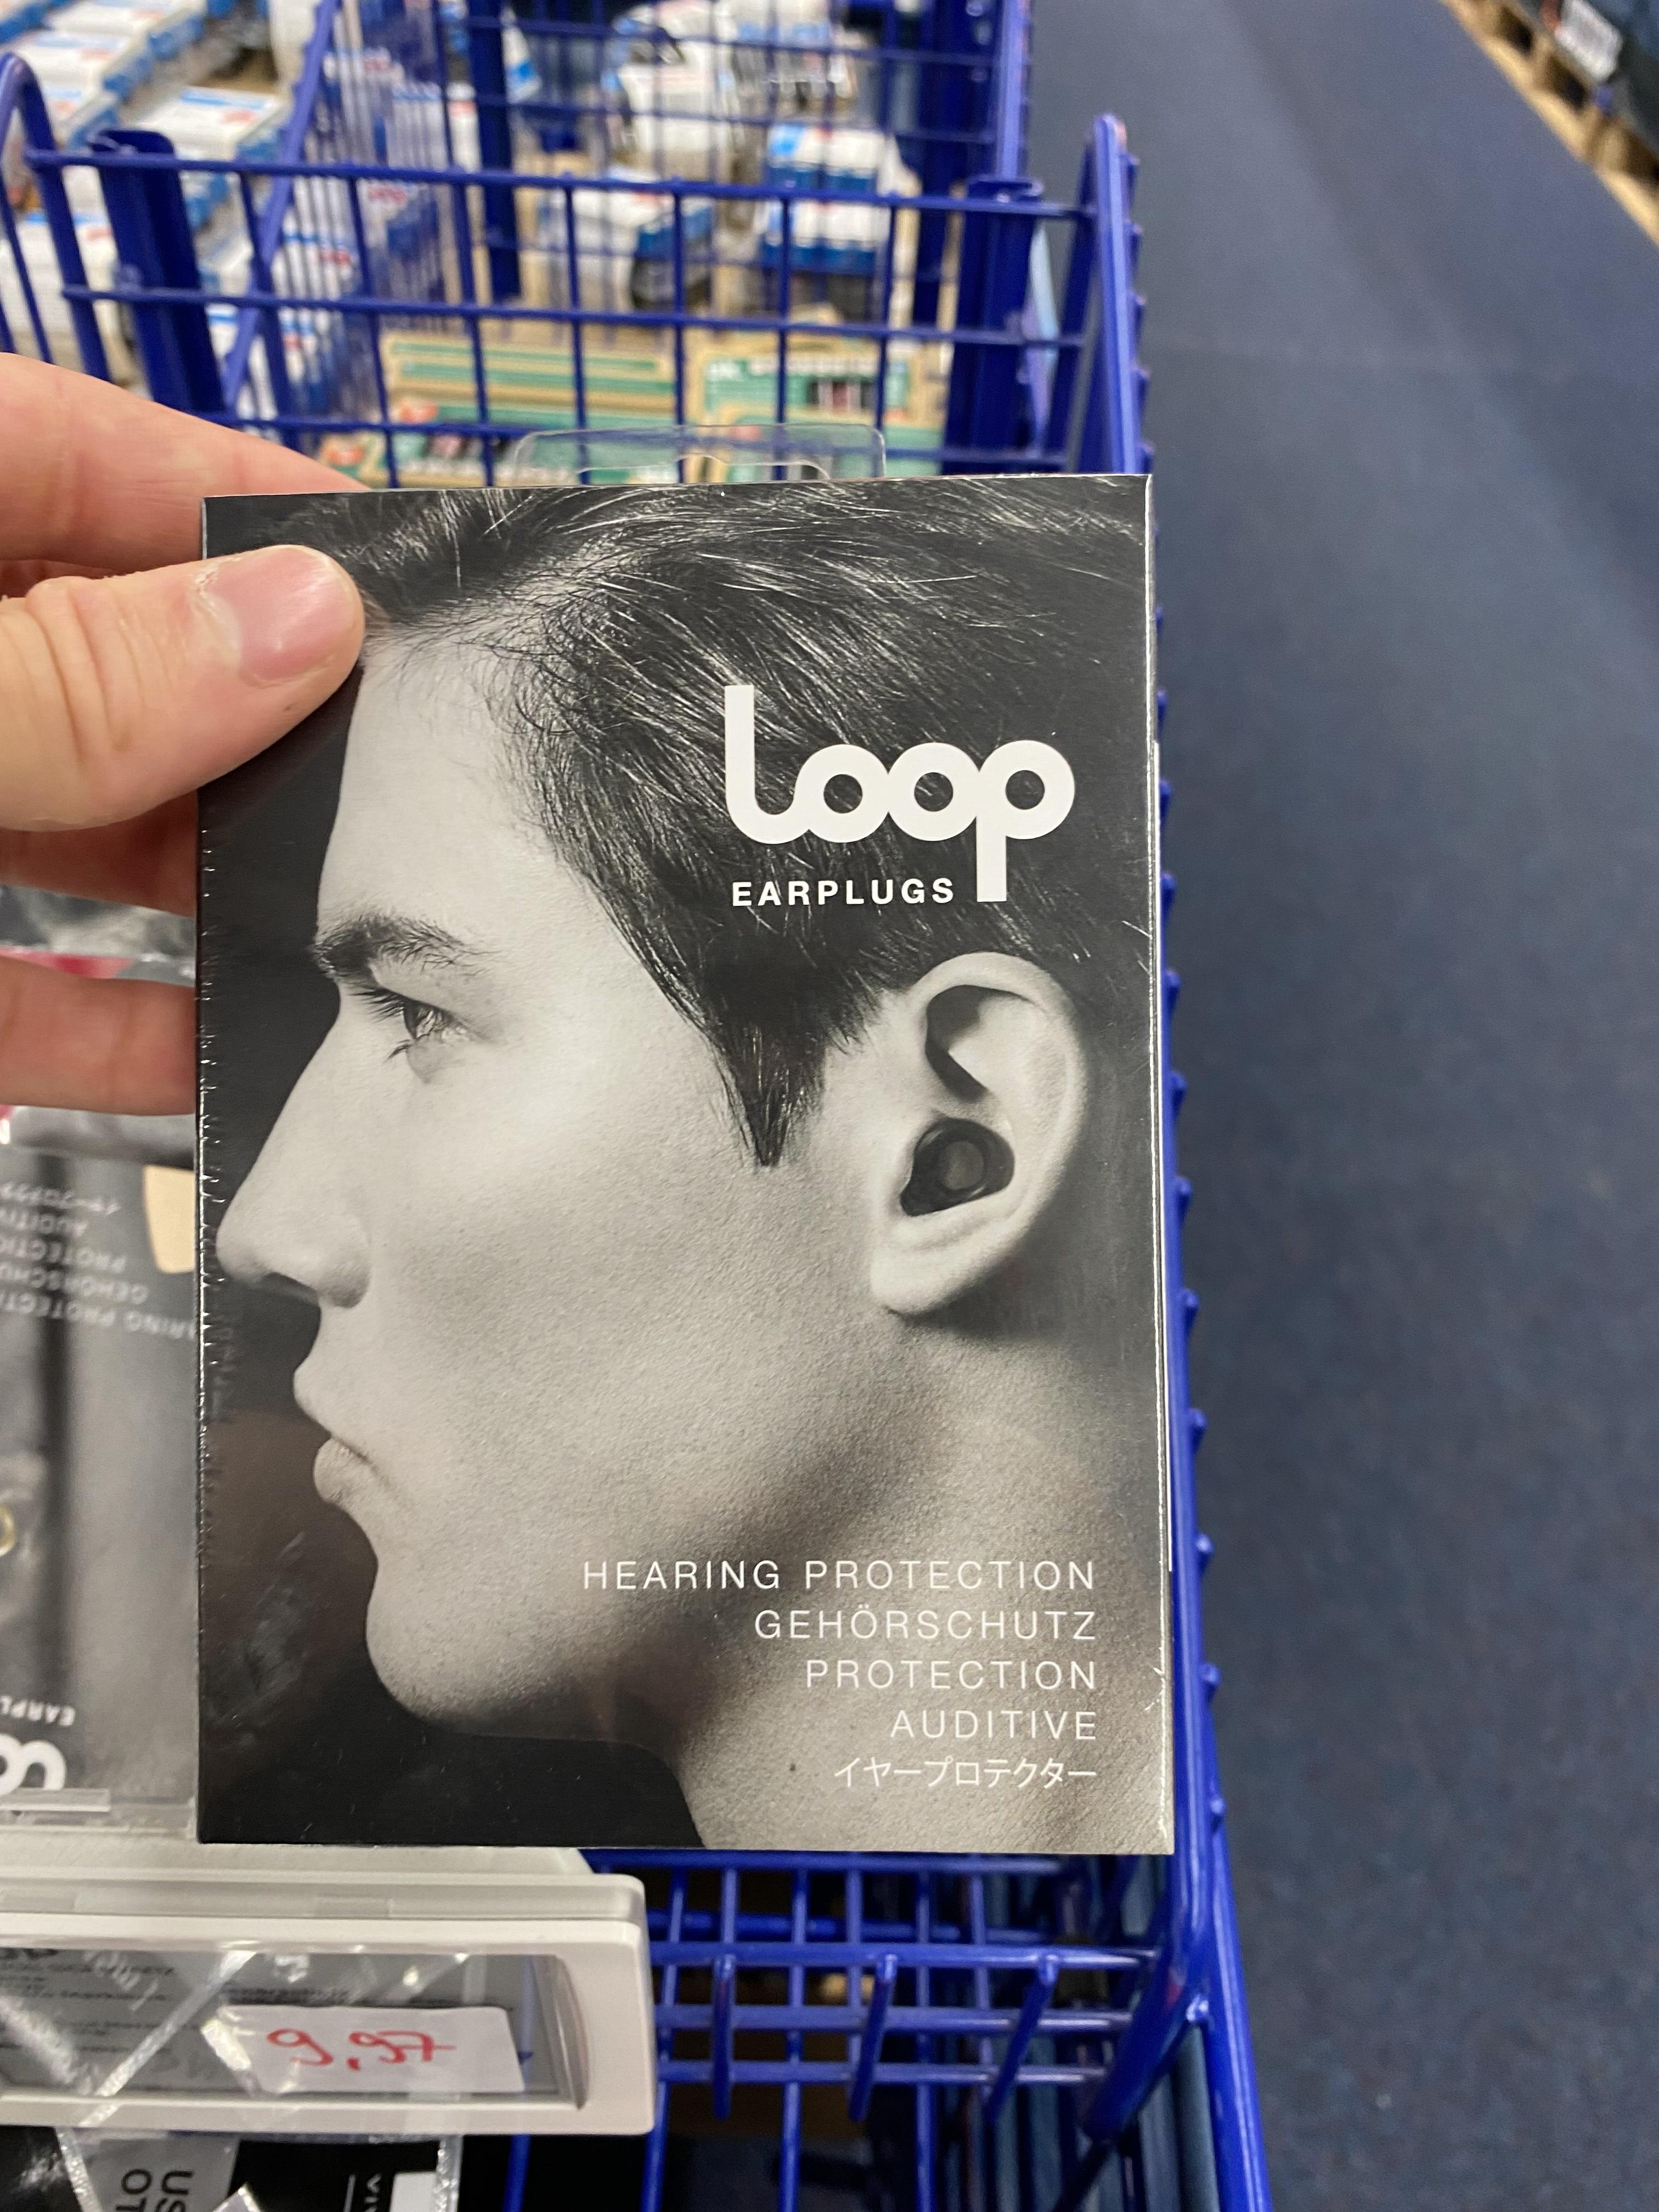 Loop Earplug Gehörschutz [Saturn Göttingen]